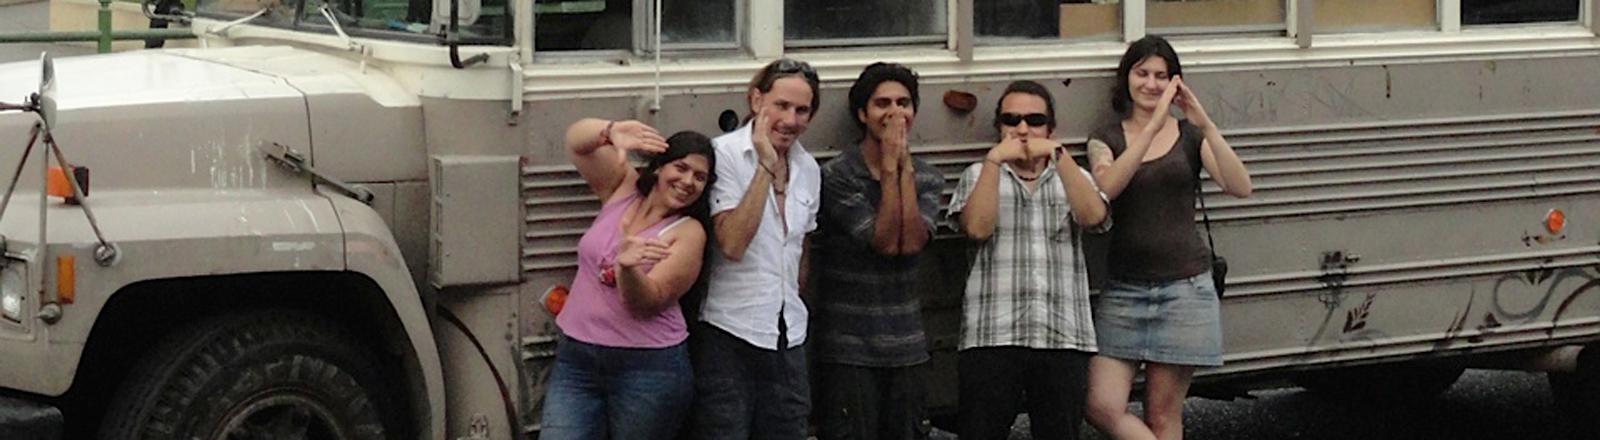 Fünf Freunde und die Caravana Climatica - eine davon ist Juliana Bittencourt Bovolenta. Bis Dezember 2014 wollen sie ihre Ergebnisse bei der UN-Klimakonferenz in Lima präsentieren.